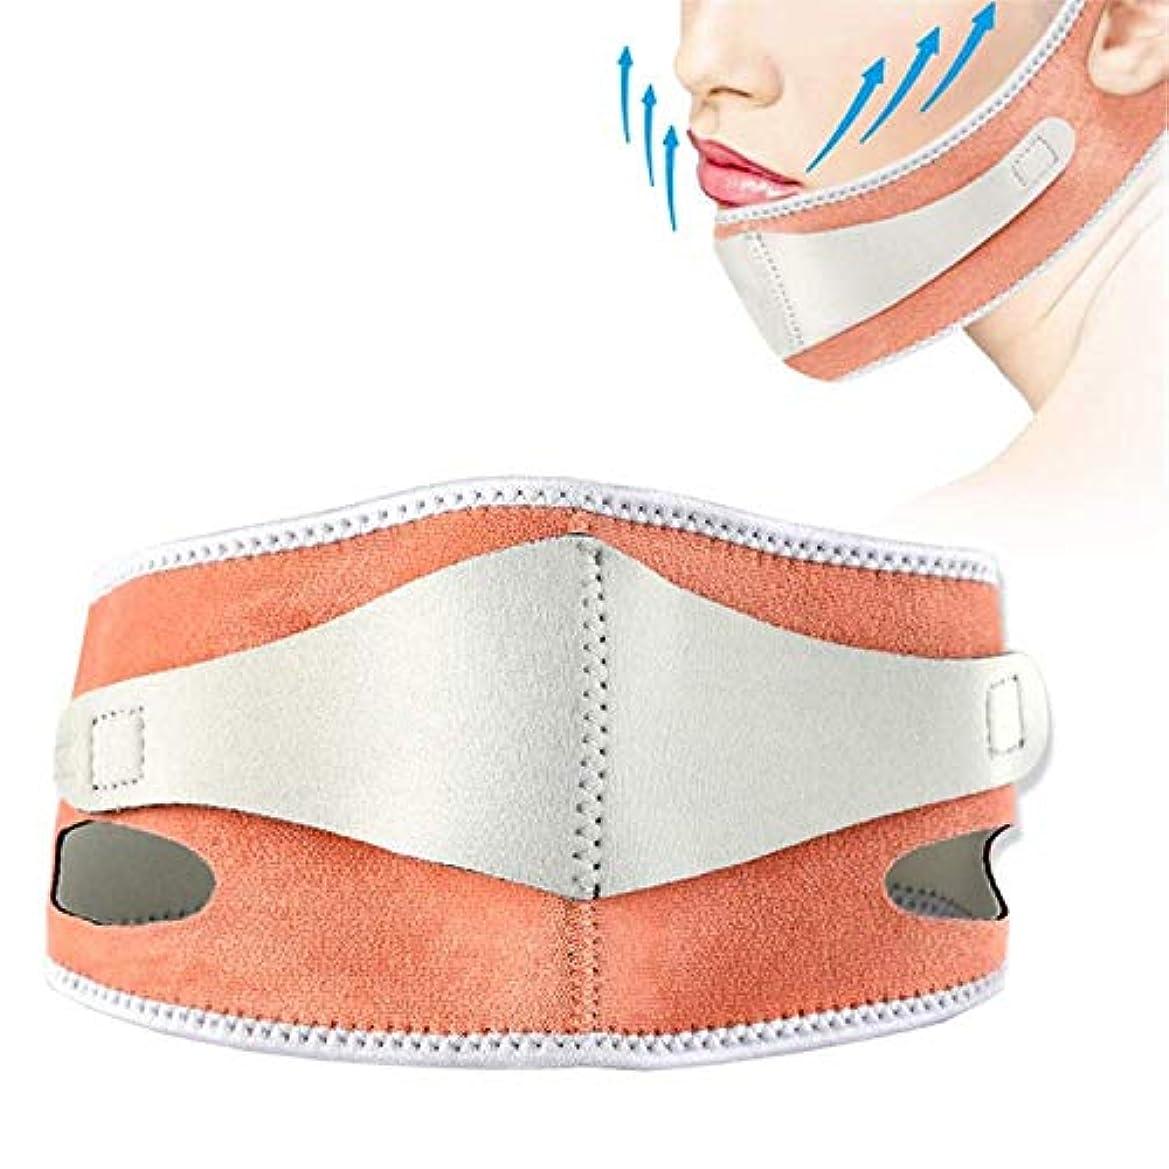 ずんぐりした知覚する判決フェイシャルスリミングベルト、Vフェイスシェイピングベルト、頬補強ベルト、美容弾性スリーブ薄い顔術後回復包帯、減量包帯を削除するには二重あご、フェイスリフト減量睡眠マスク包帯